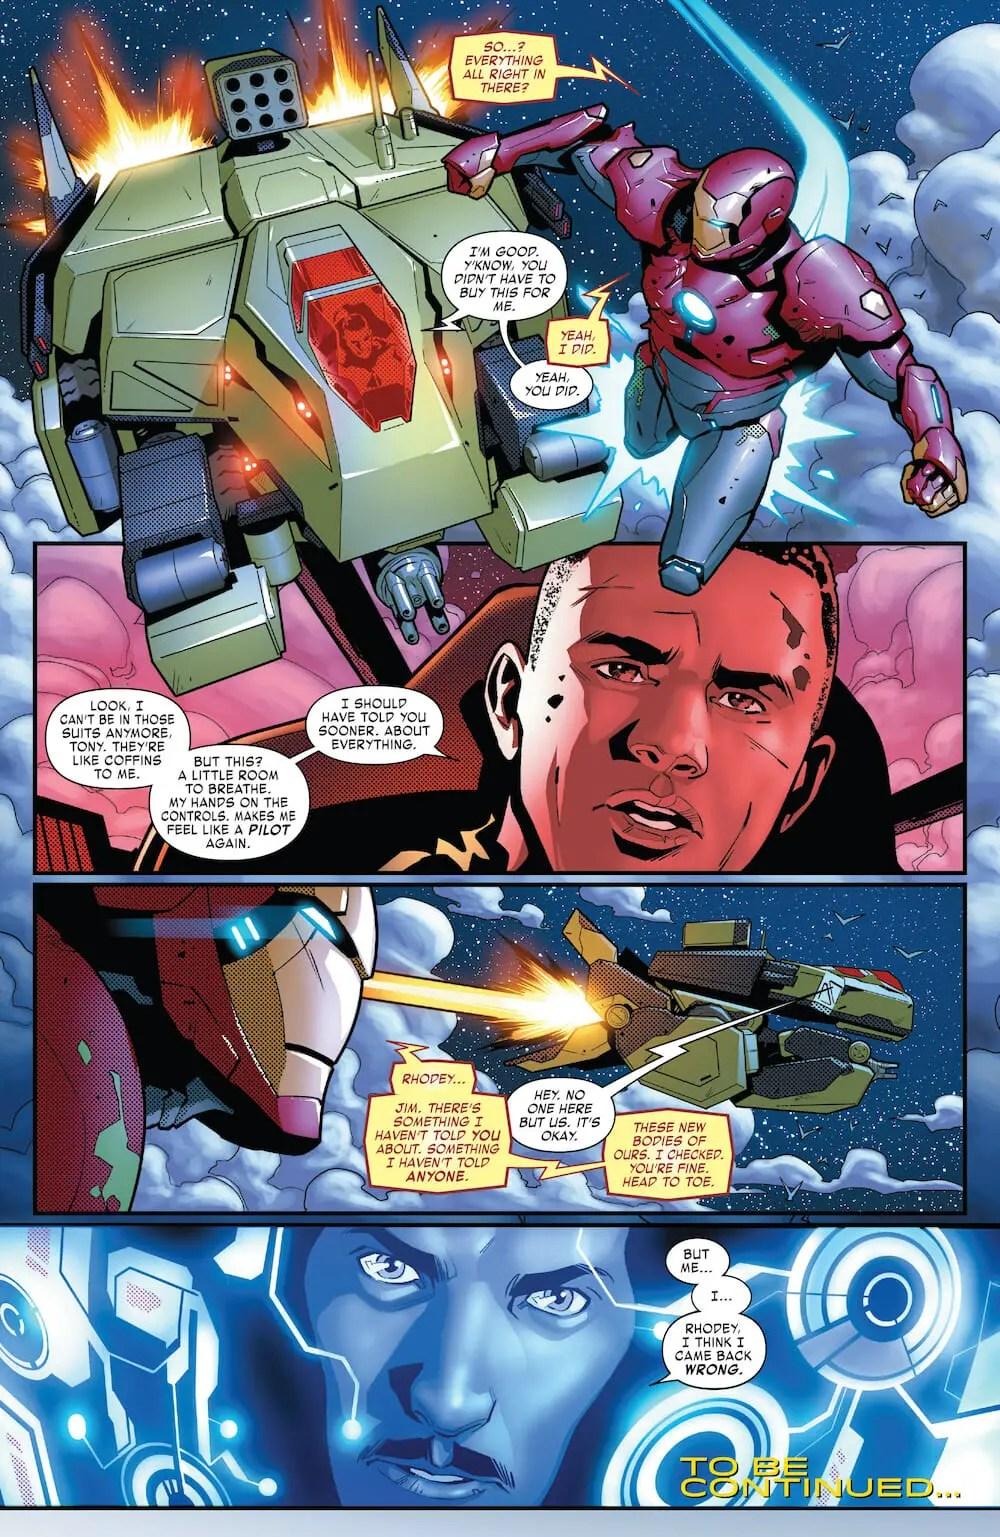 Tony Stark Beard Wallpapers - Wallpaper Cave  |Tony Stark Iron Man 2 Hair